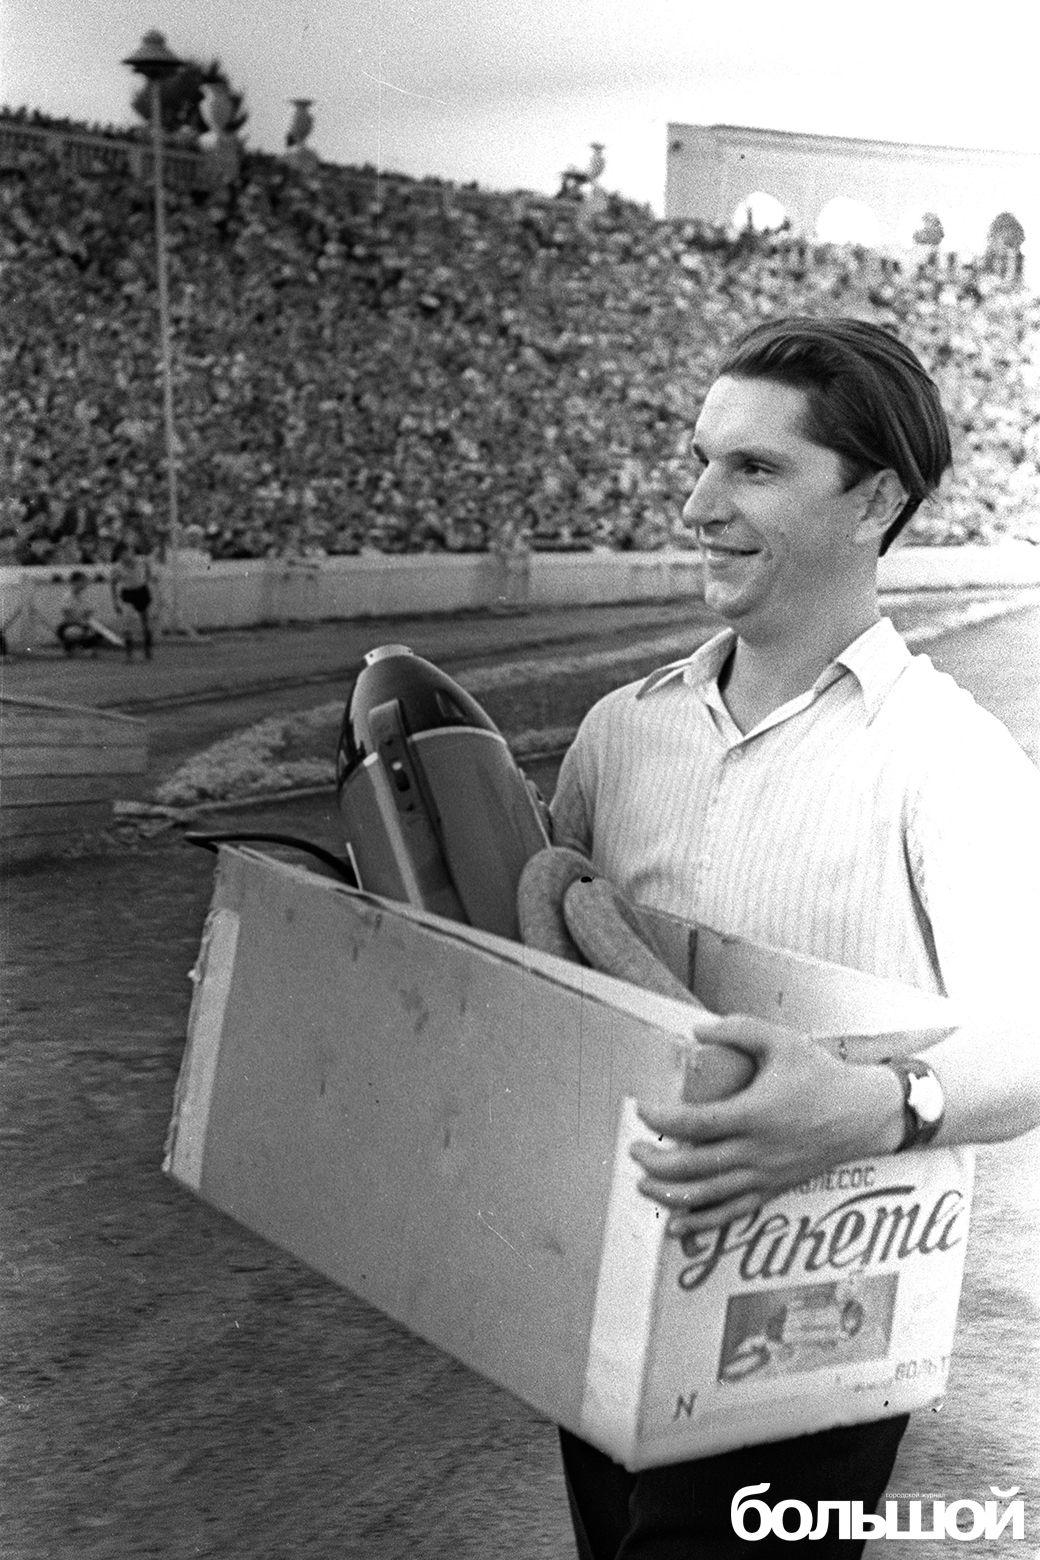 Стадион «Динамо». Минск, 23 августа 1959 года.